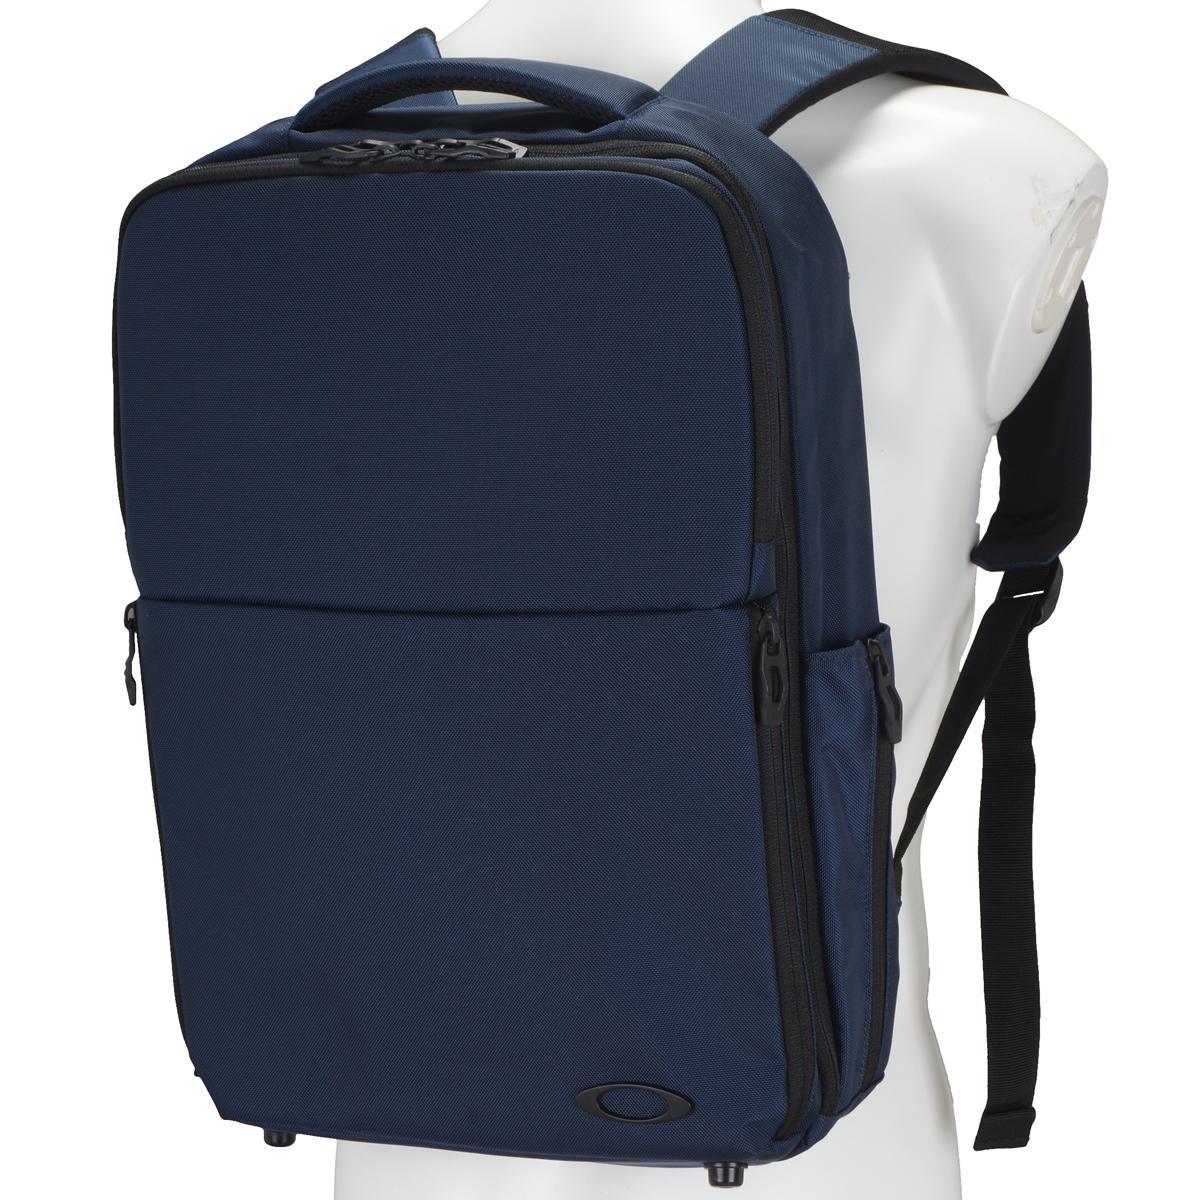 オークリー OAKLEY DIGITAL S 2.0 バックパック[ゴルフ用品 GOLF GDO ユニセックス 男女兼用 メンズ レディース 男性 女性 バッグ バック リュック リュックサック かばん 鞄 カバン おしゃれ]